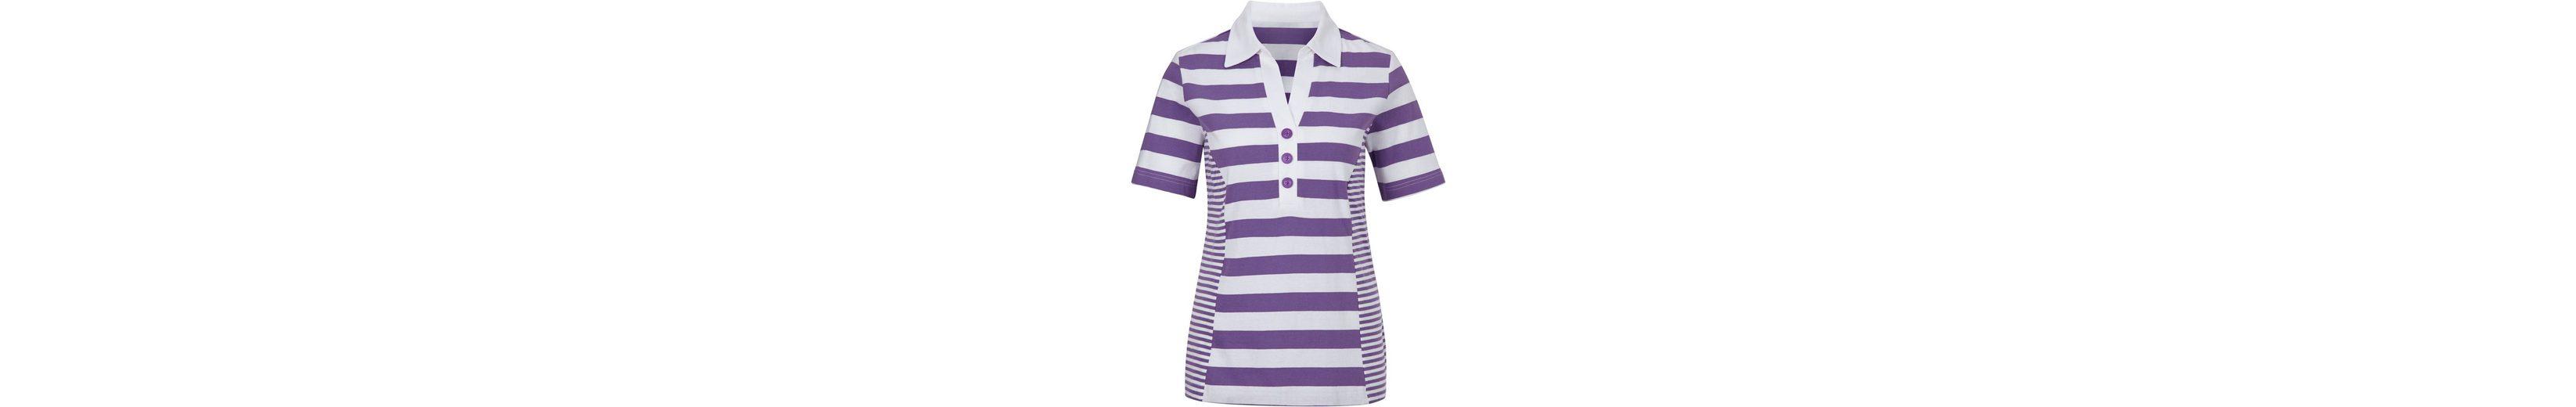 Collection L. Shirt mit Zierknöpfen Sneakernews Günstig Online cBi0ZOUL